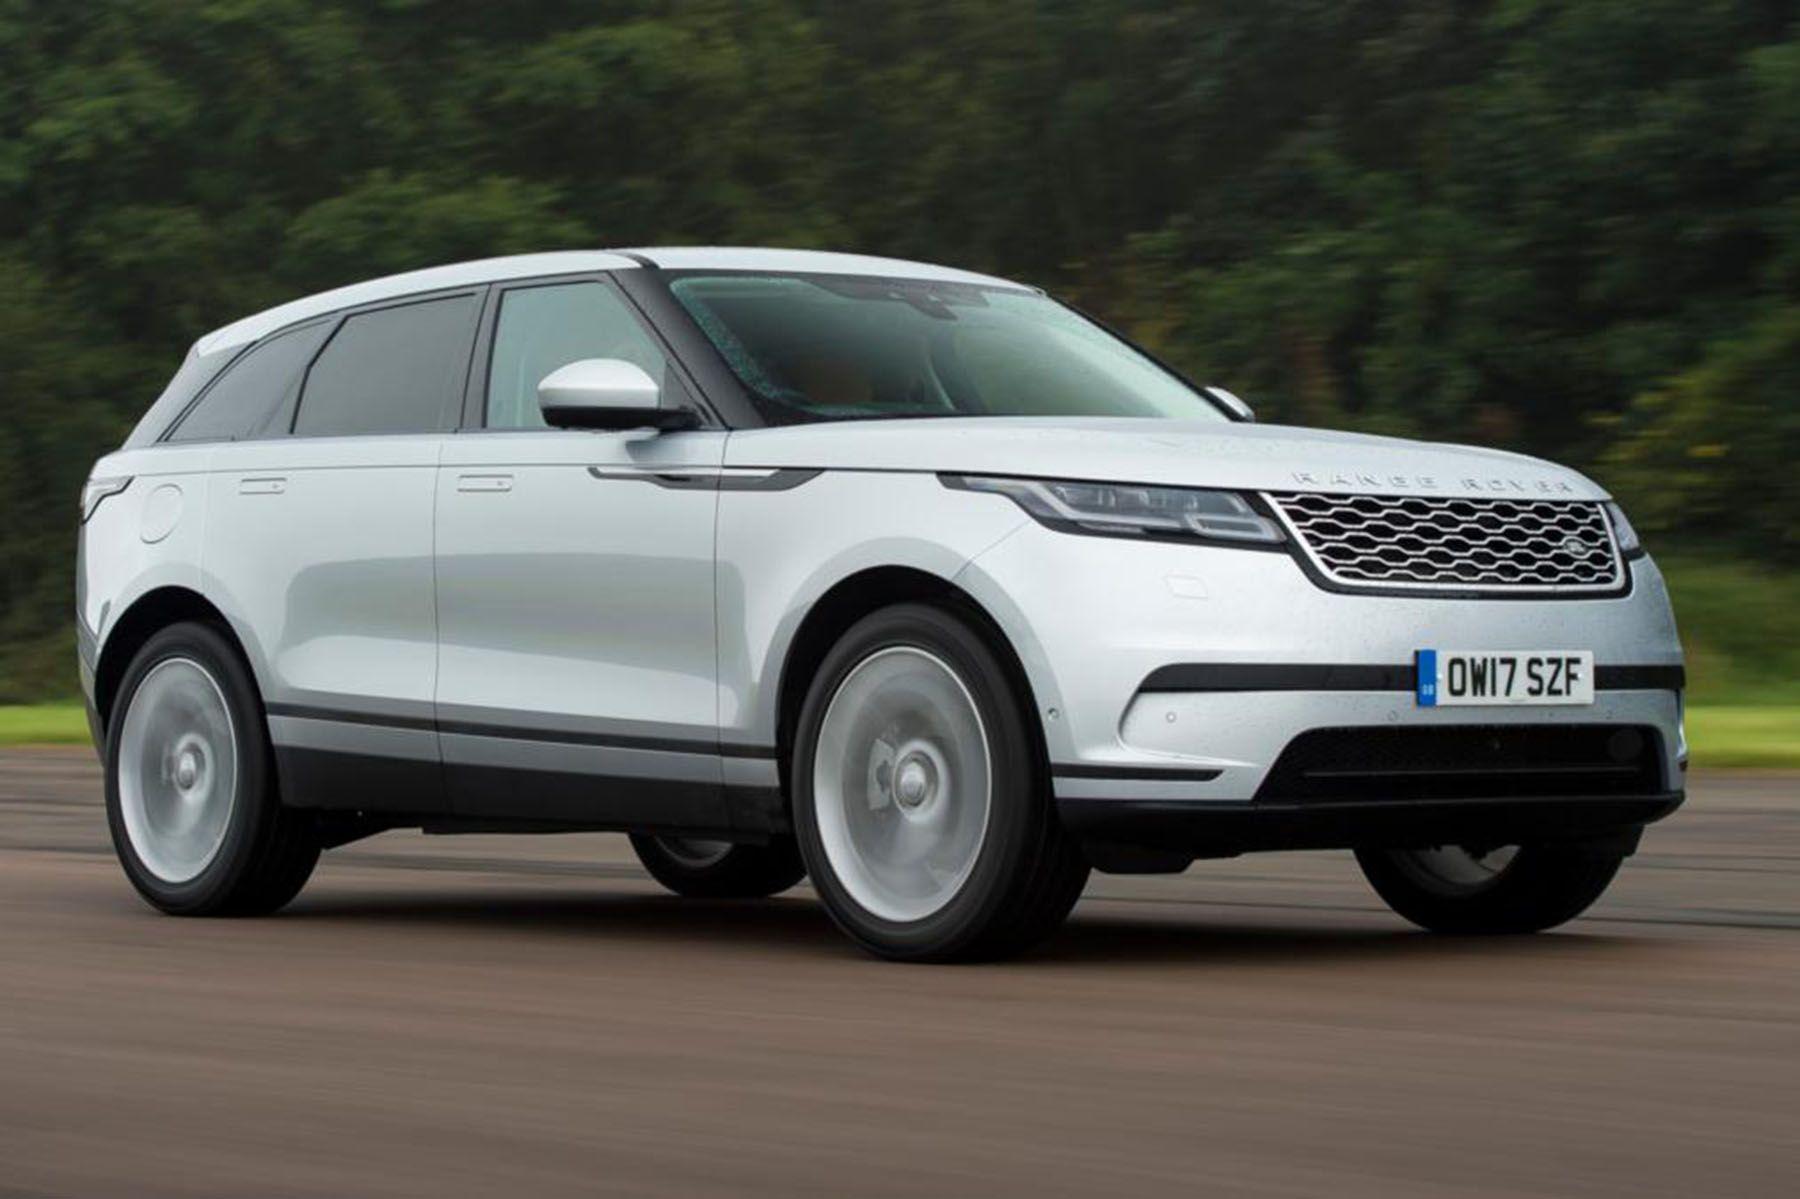 Range Rover Velar 2.0 diesel 2017 review Range rover